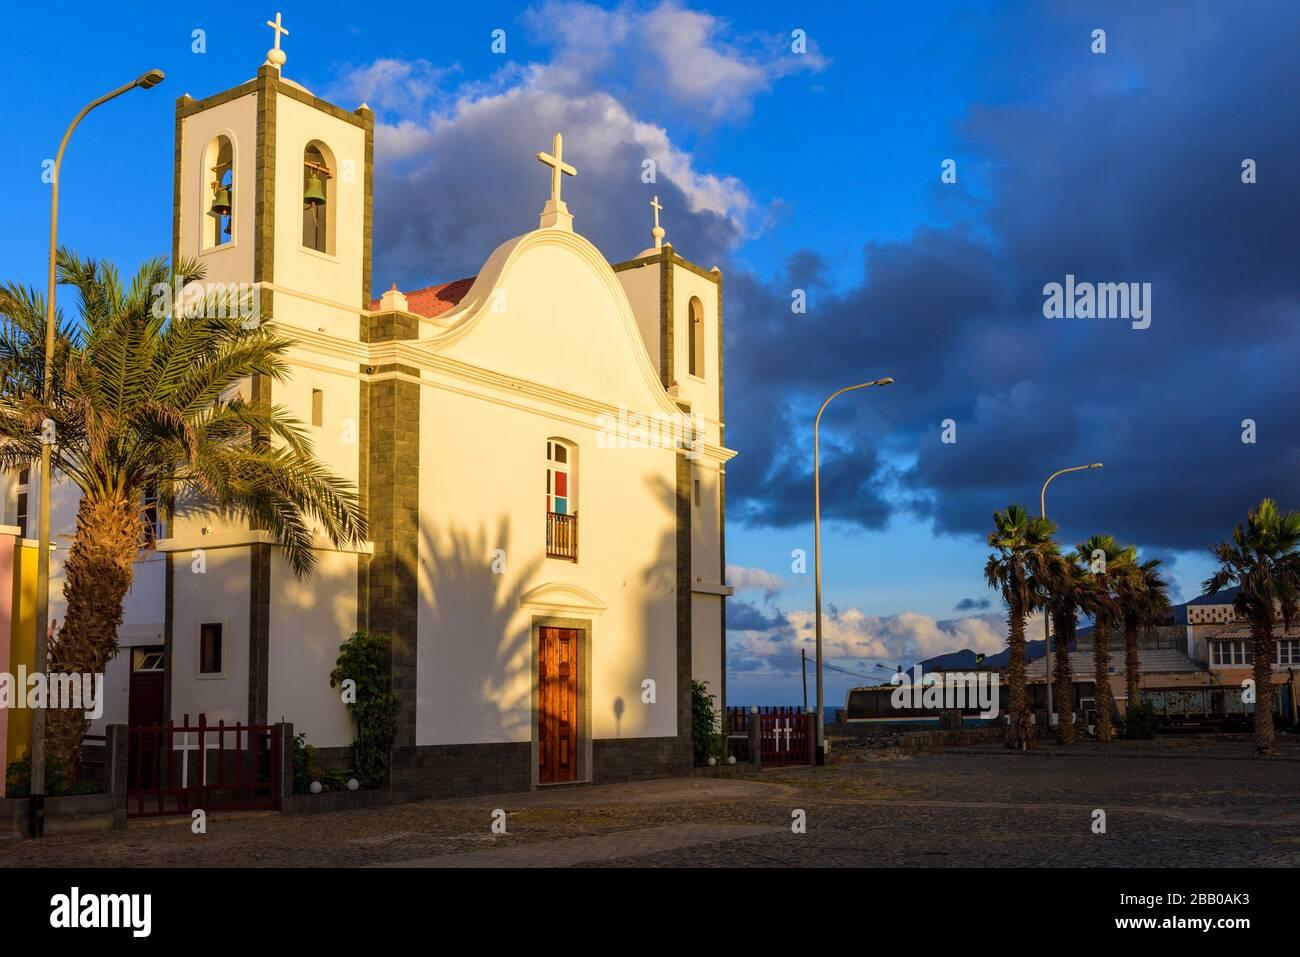 Église notre-Dame de Deliverance, village de Ponta do sol, commune de Ribeira Grande, Santo Antao, îles du Cap-Vert, Afrique. Banque D'Images